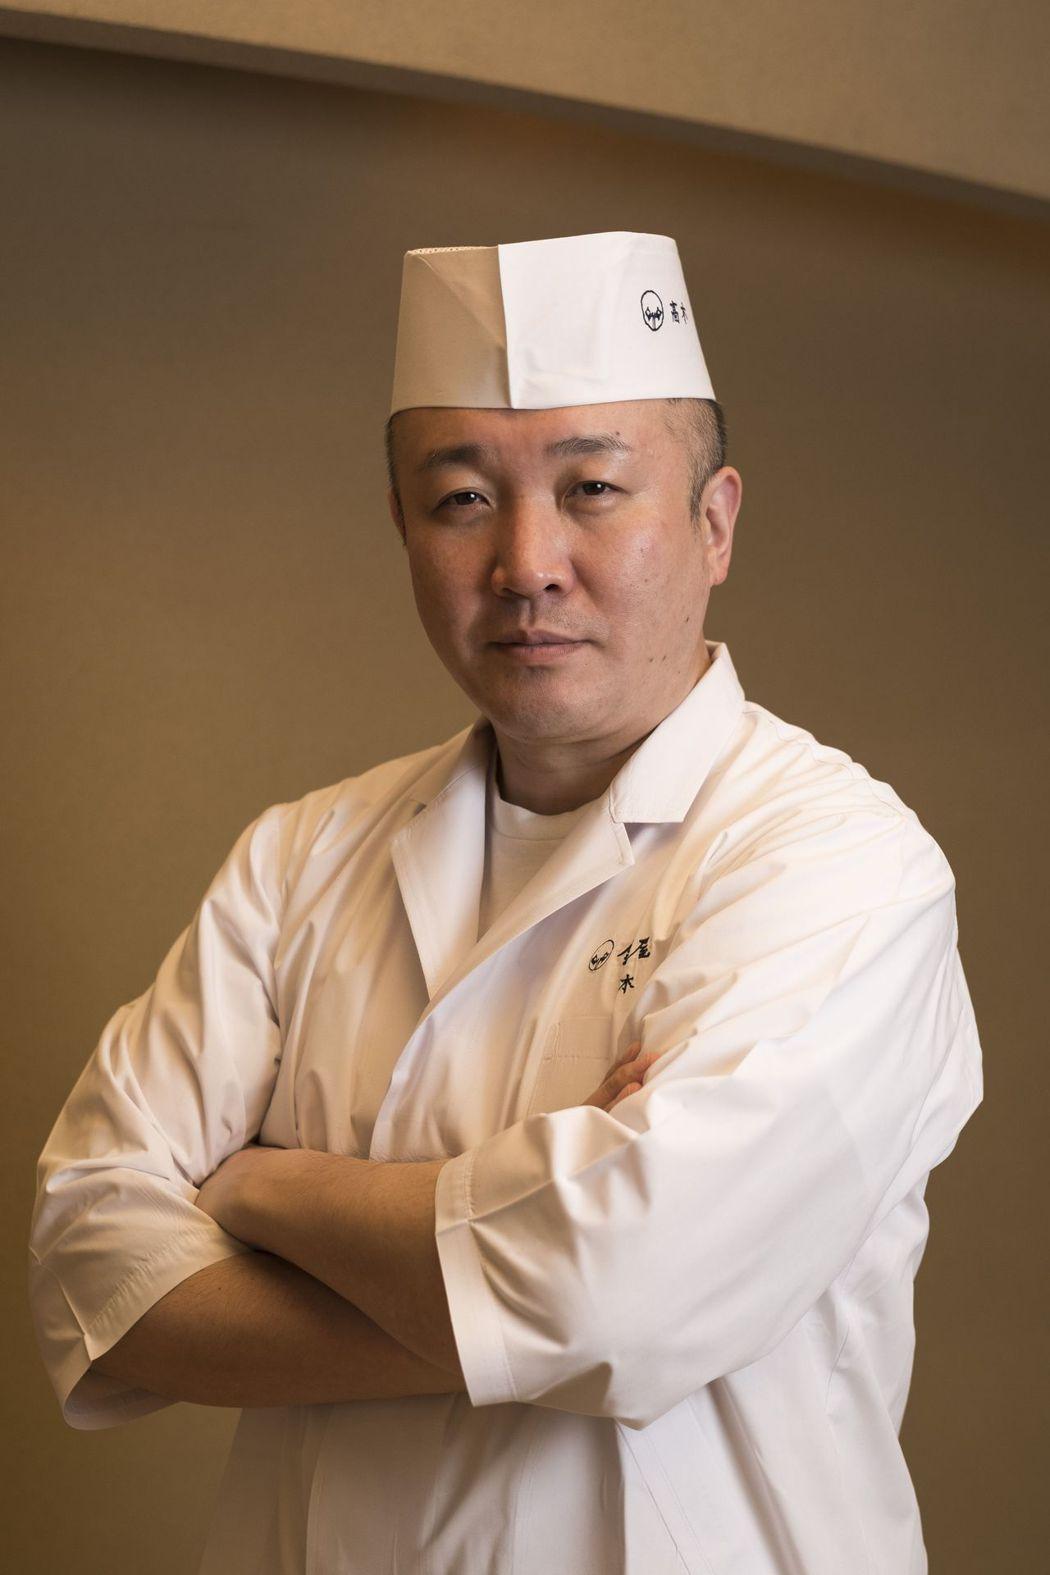 來自日本金澤的米其林二星名廚高木慎一朗,即將在8/3-5客座三二行館。 三二行館...